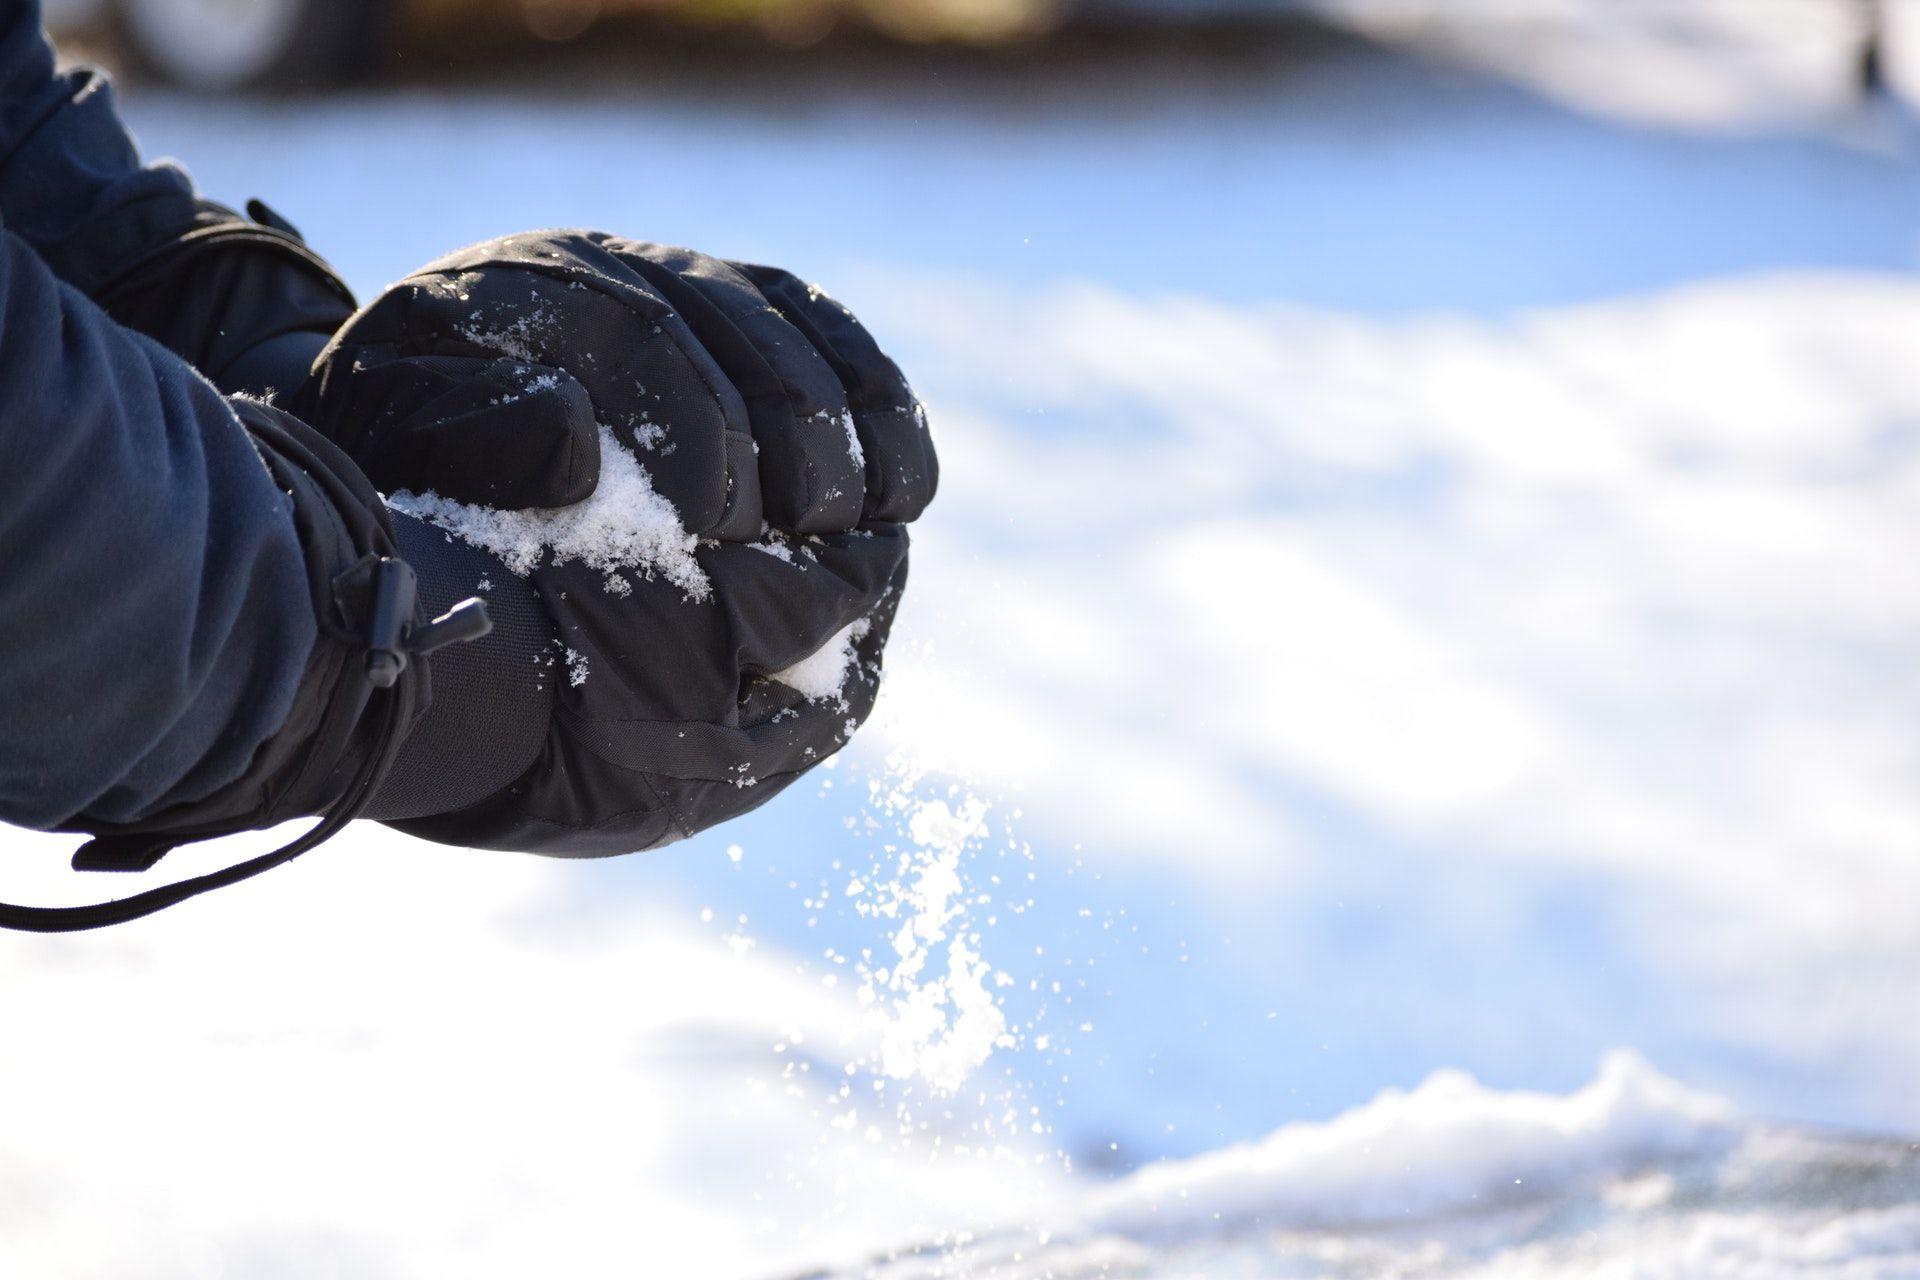 Jak wybrać rękawice narciarskie? Poradnik dla początkujących